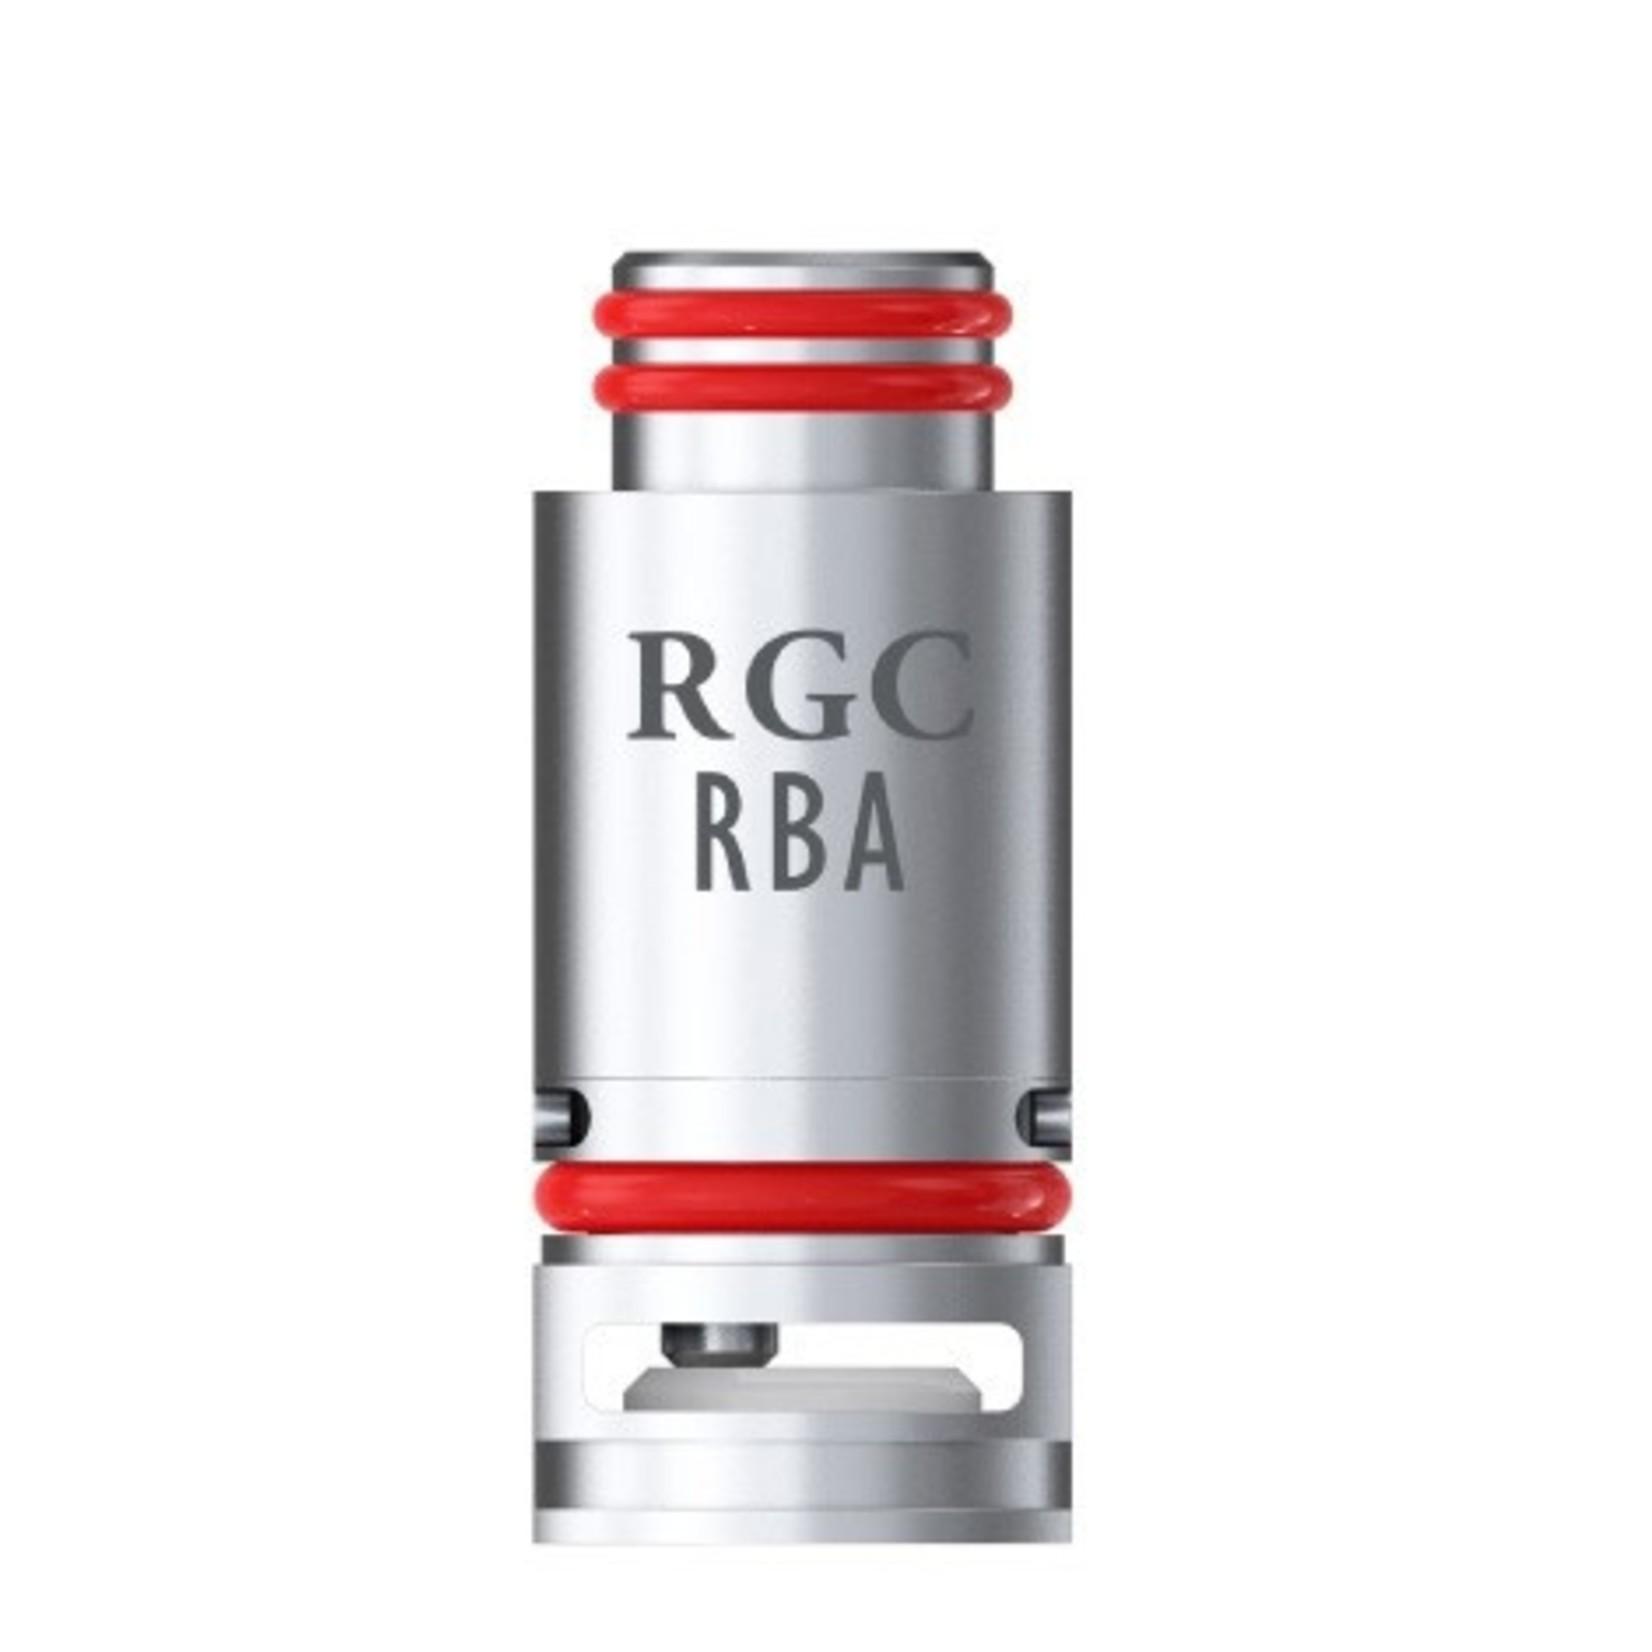 Smok RPM 80 RGC RBA Coil